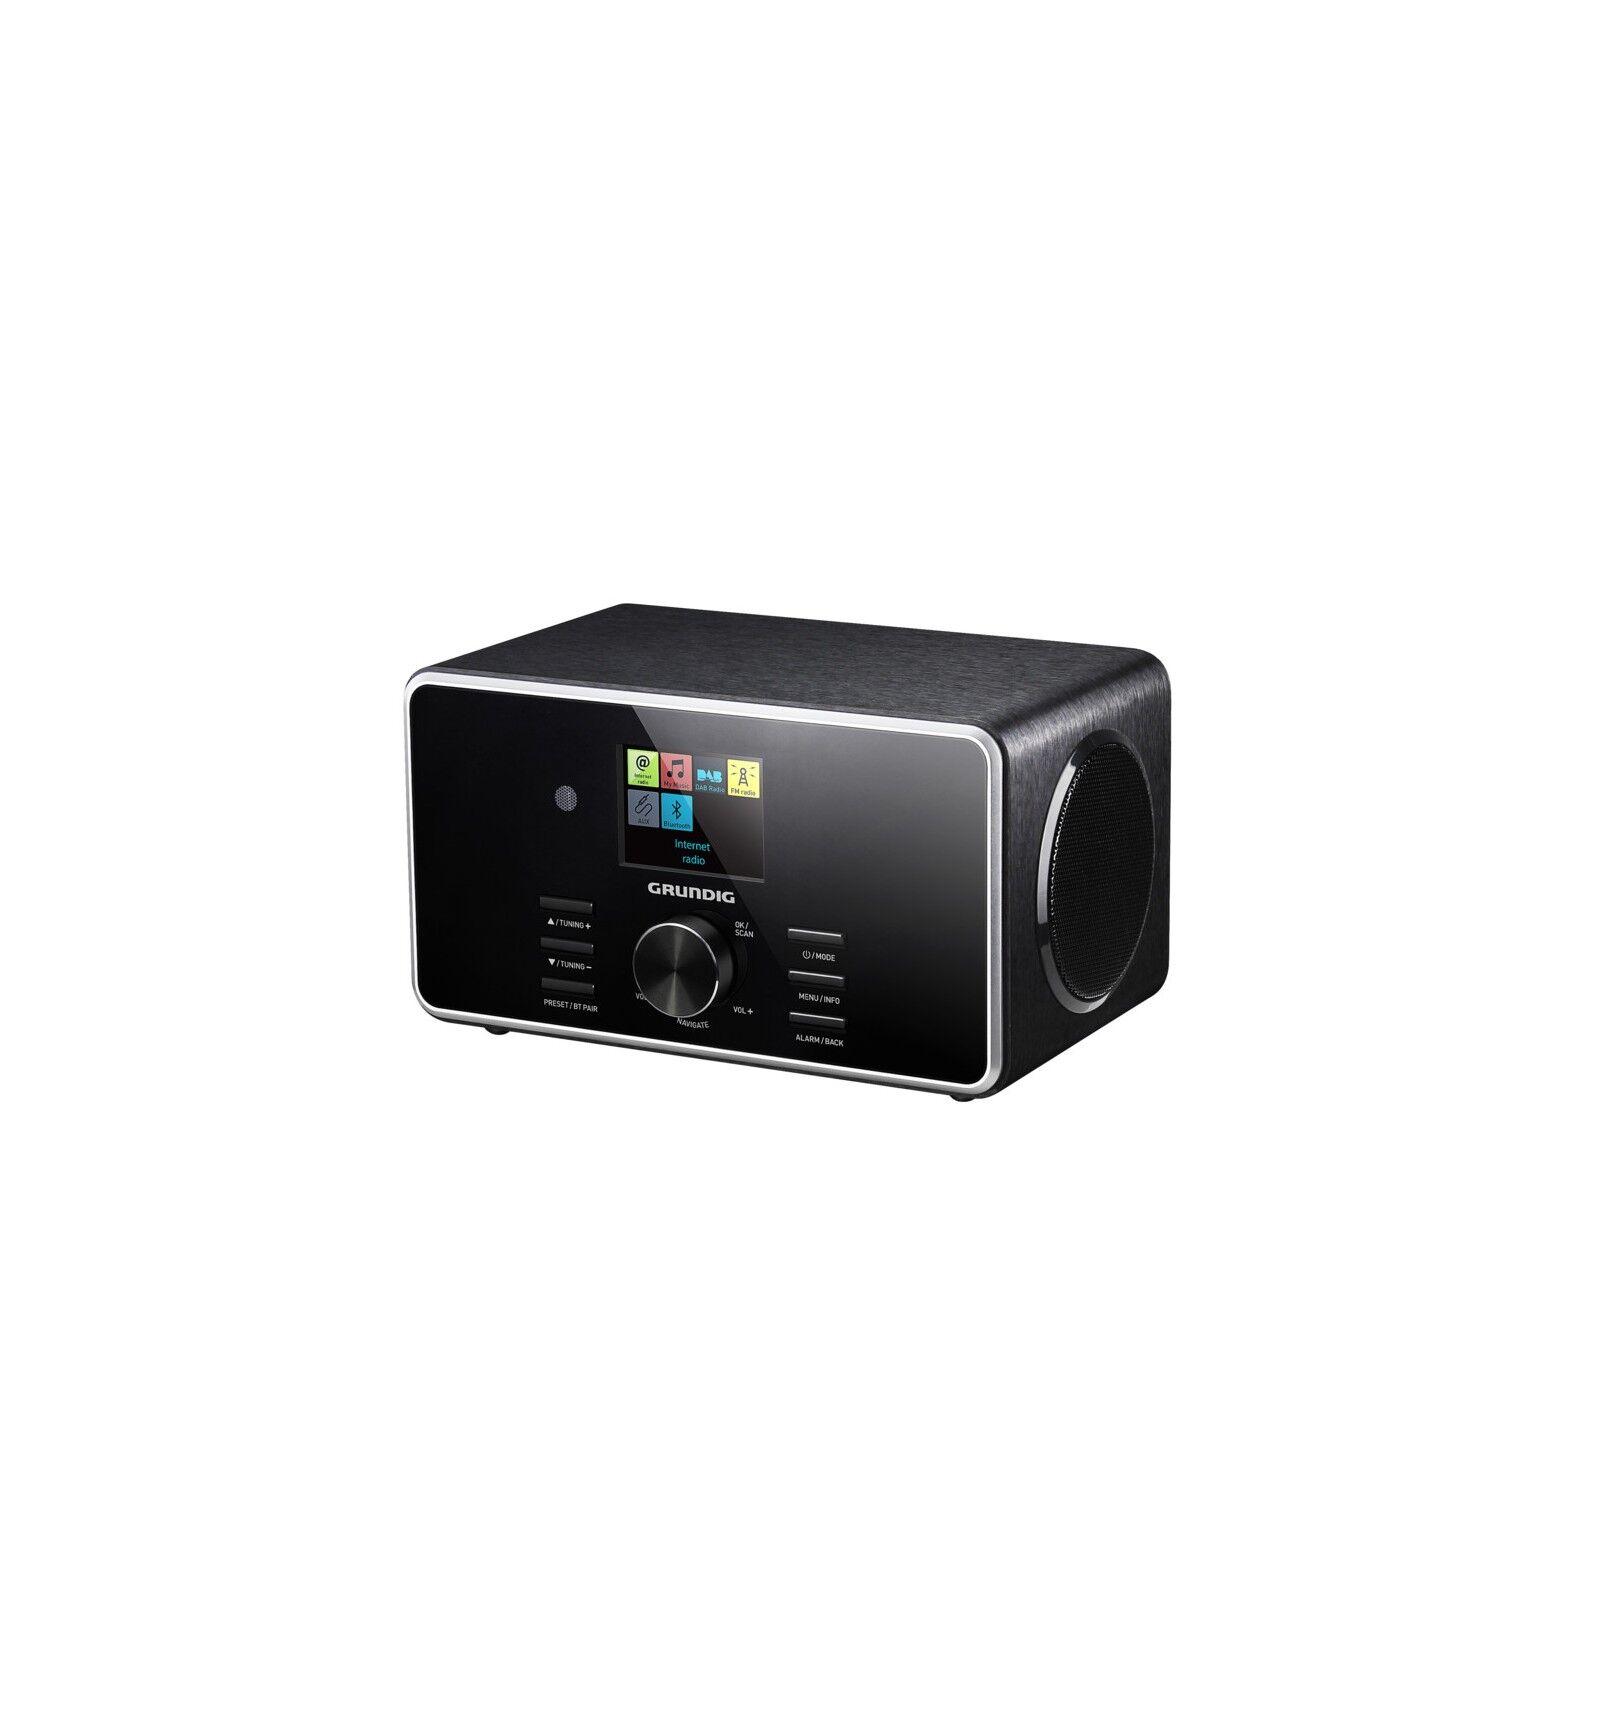 Grundig DTR 5000 2.0 BT DAB+ radio Henkilökohtainen Digitaalinen Musta